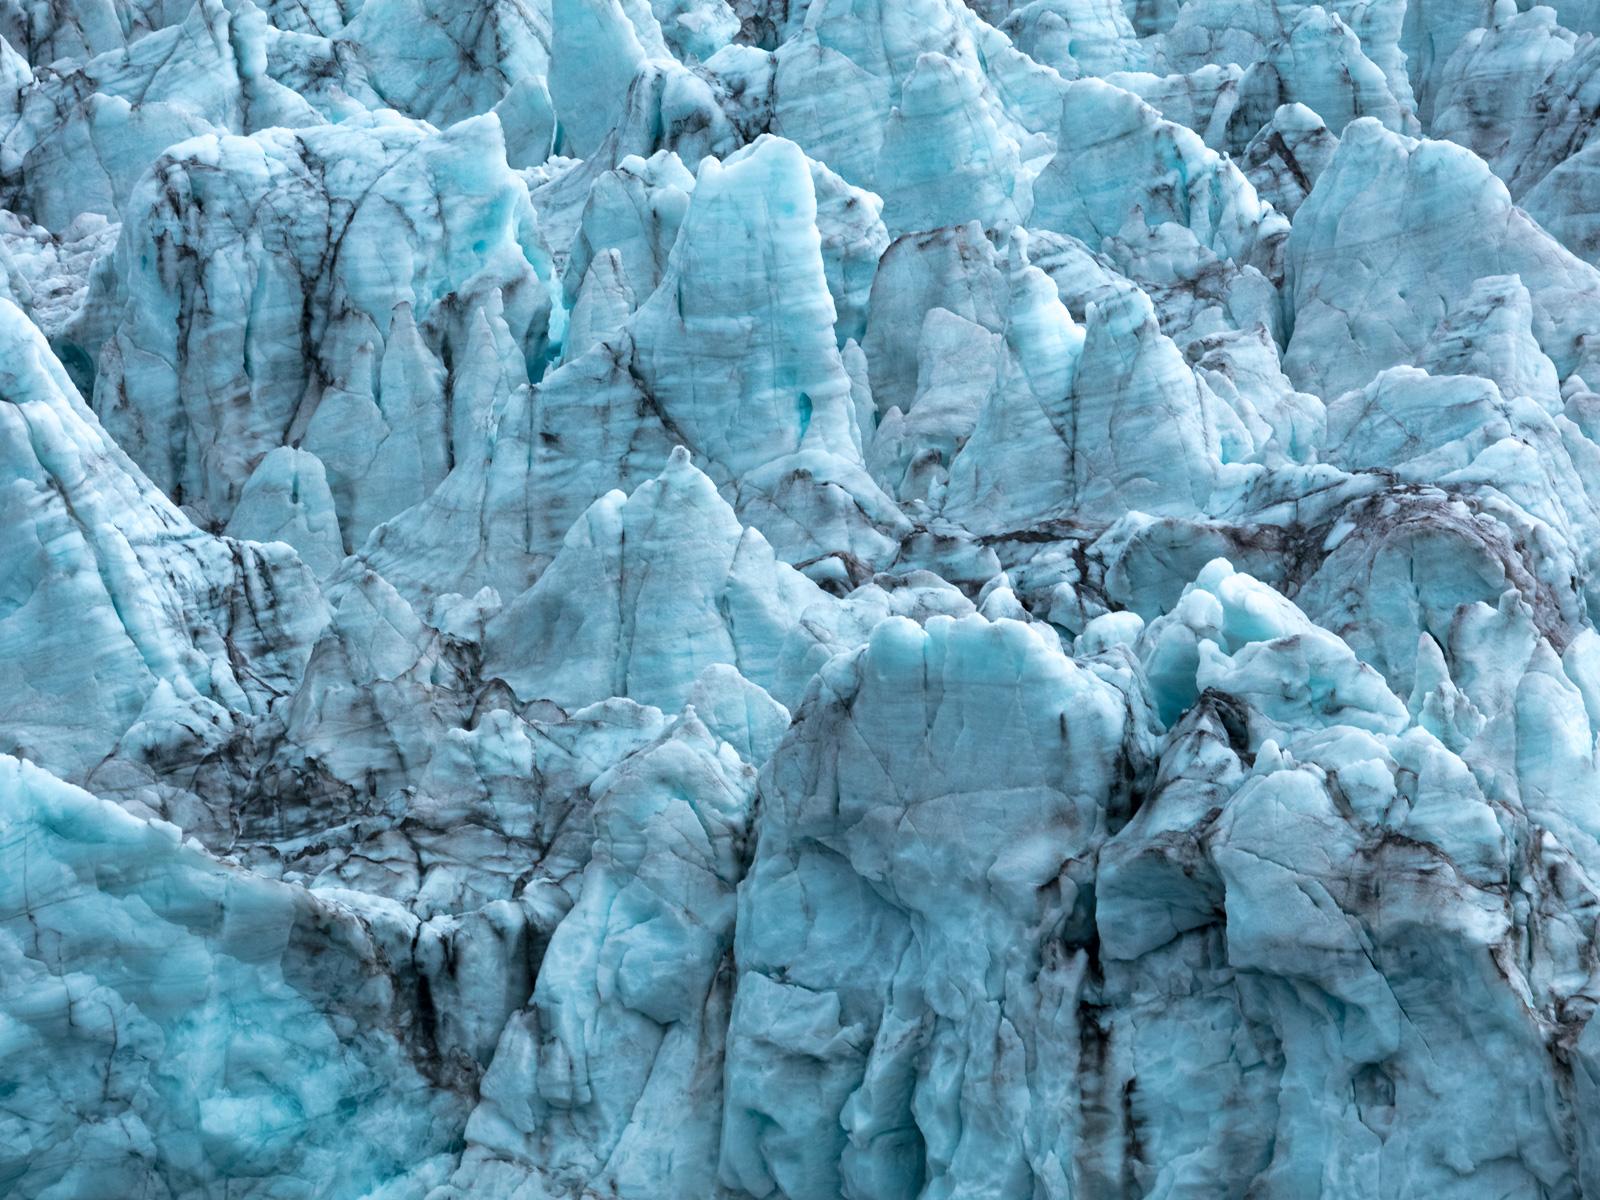 Svalbard_Spitsbergen_Ghiacciaio_Glacier-7